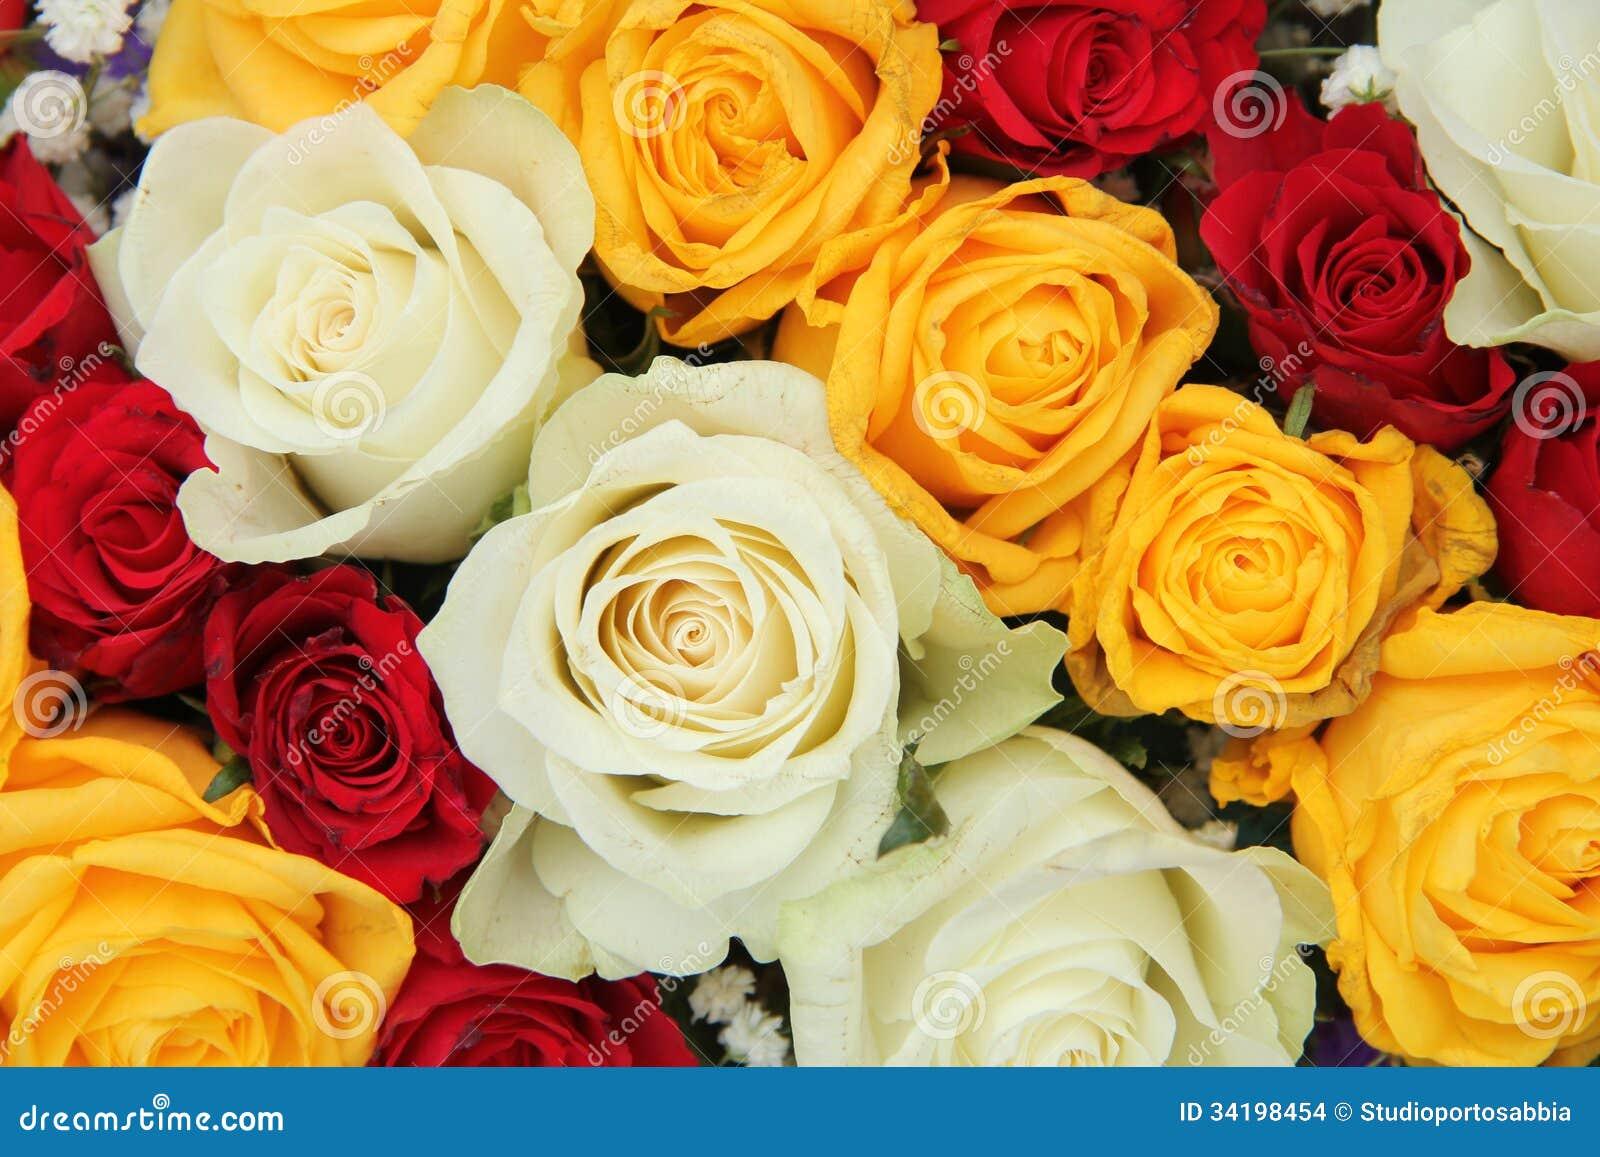 Rosas Amarelas Brancas E Vermelhas Em Um Arranjo Do Casamento Foto